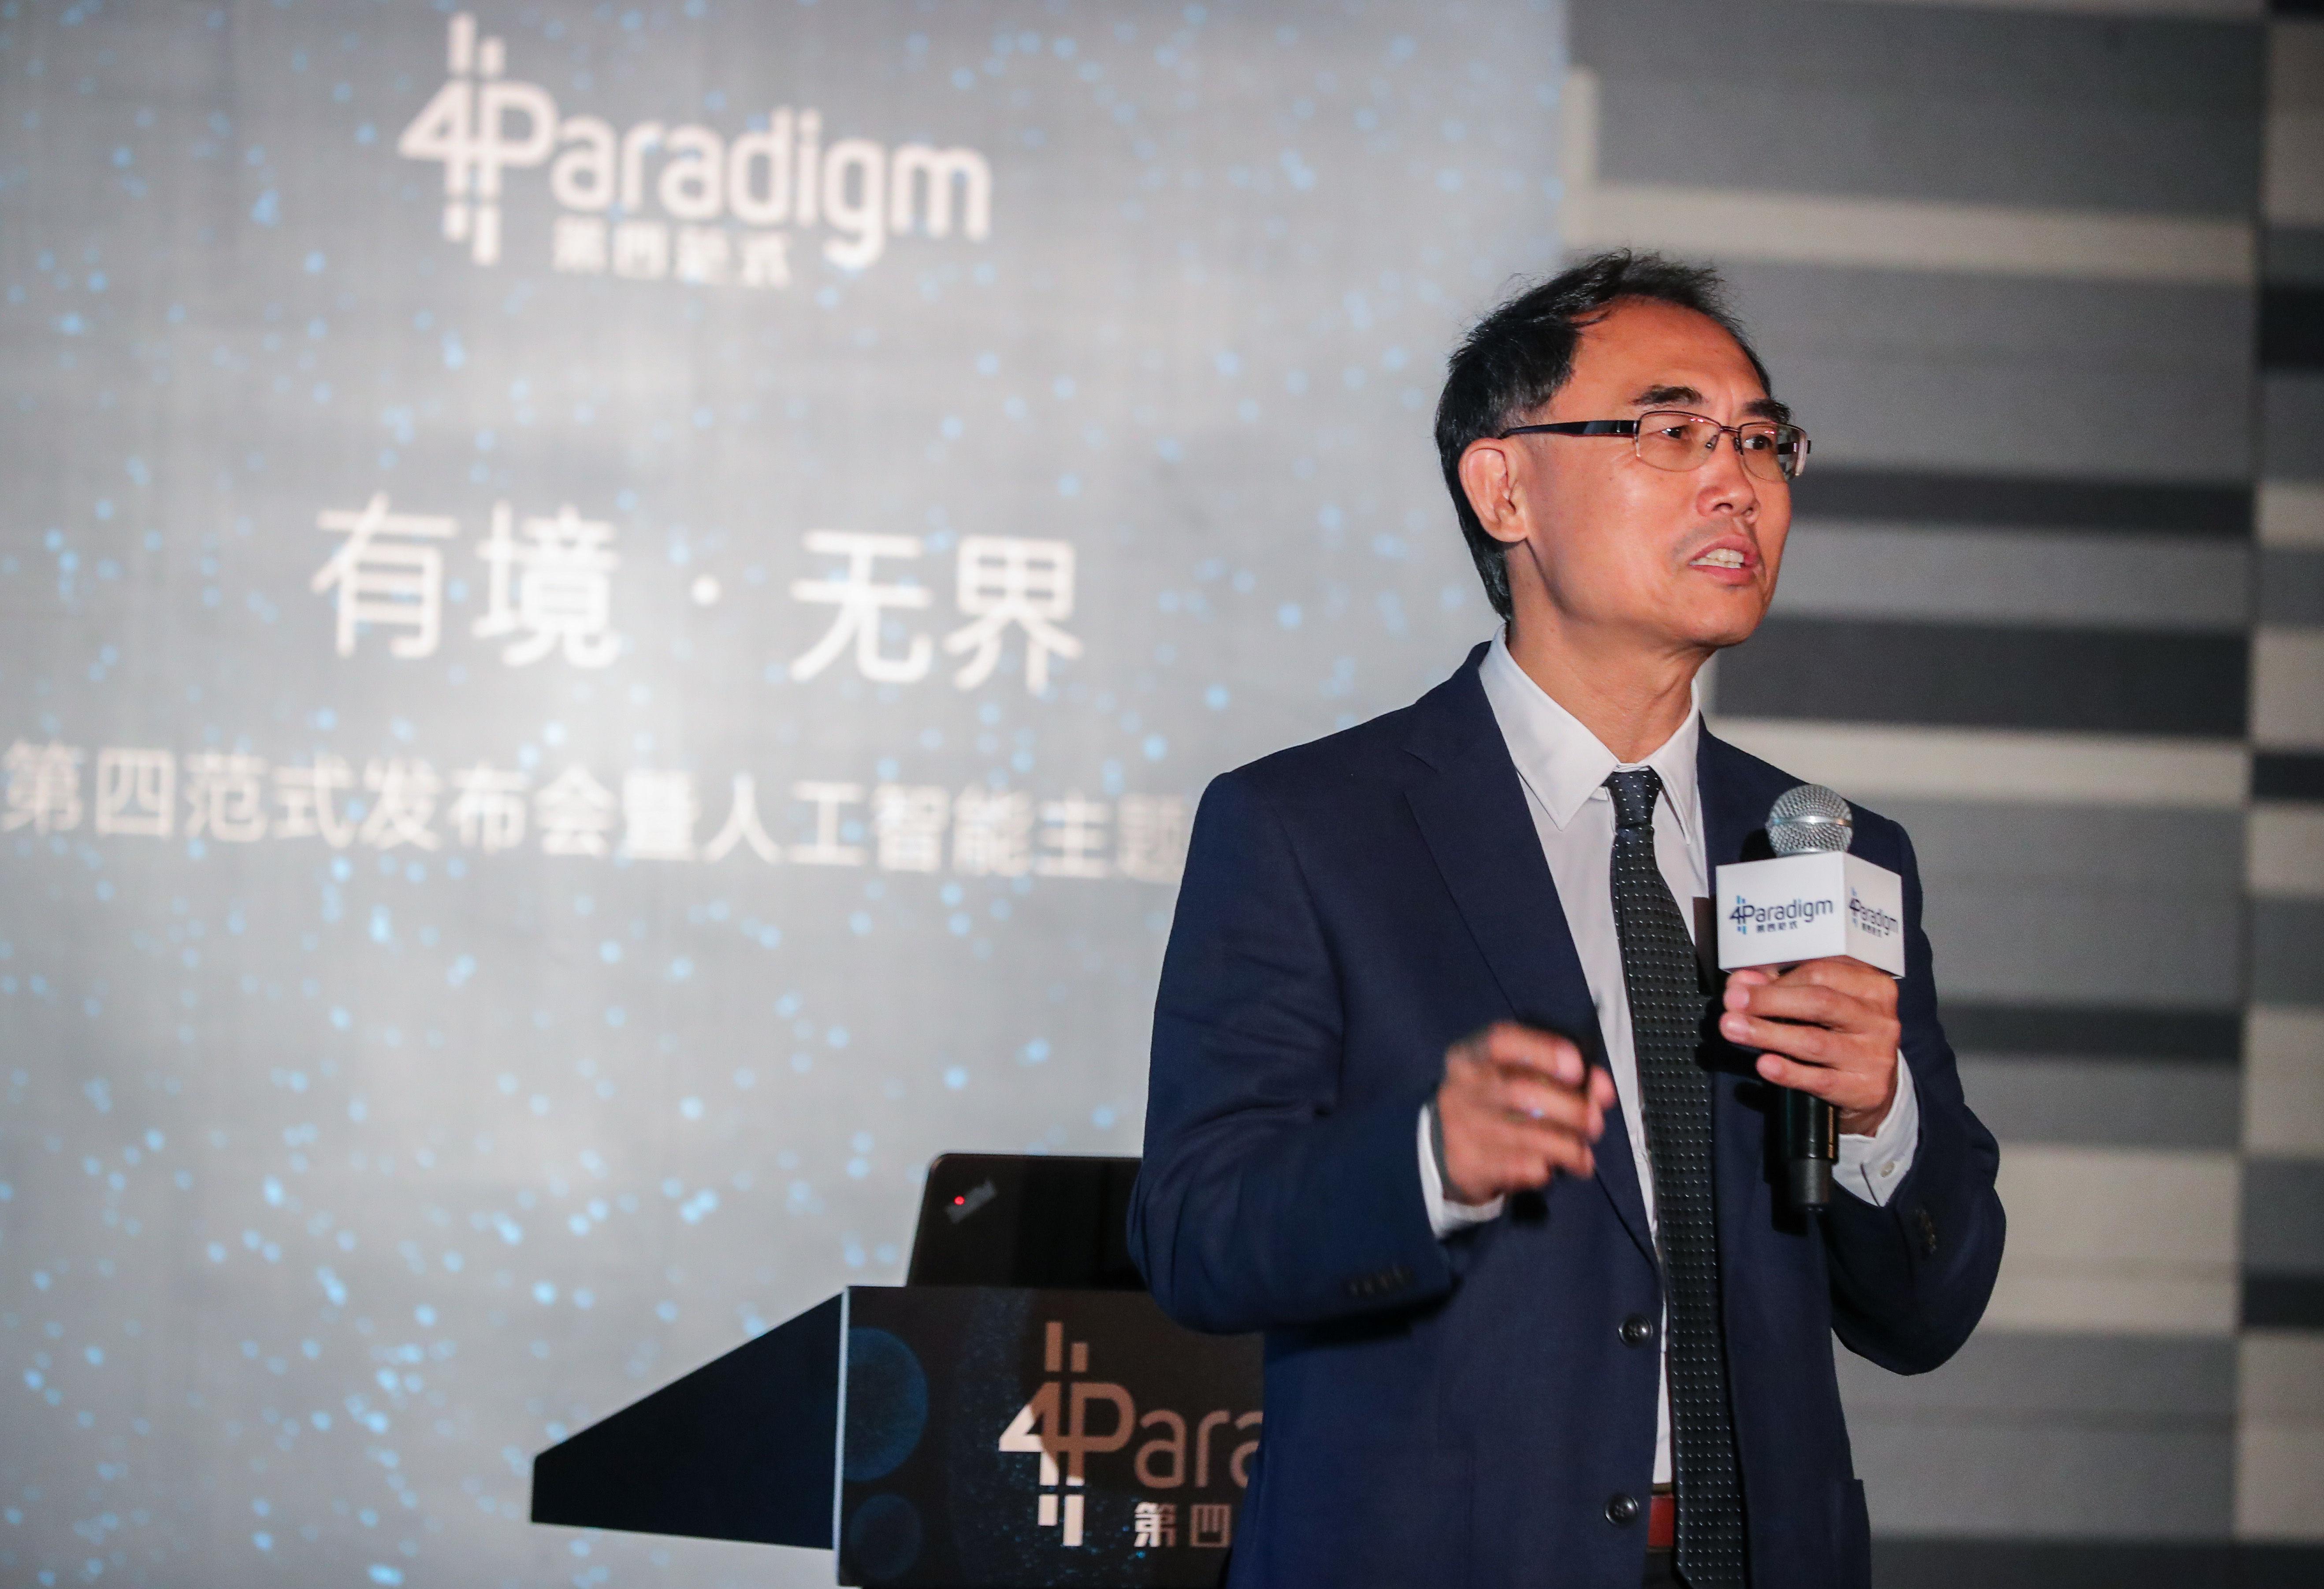 14-第四范式联合创始人、首席科学家杨强教授发表主题演讲-深度学习的深度的深度思考.jpg